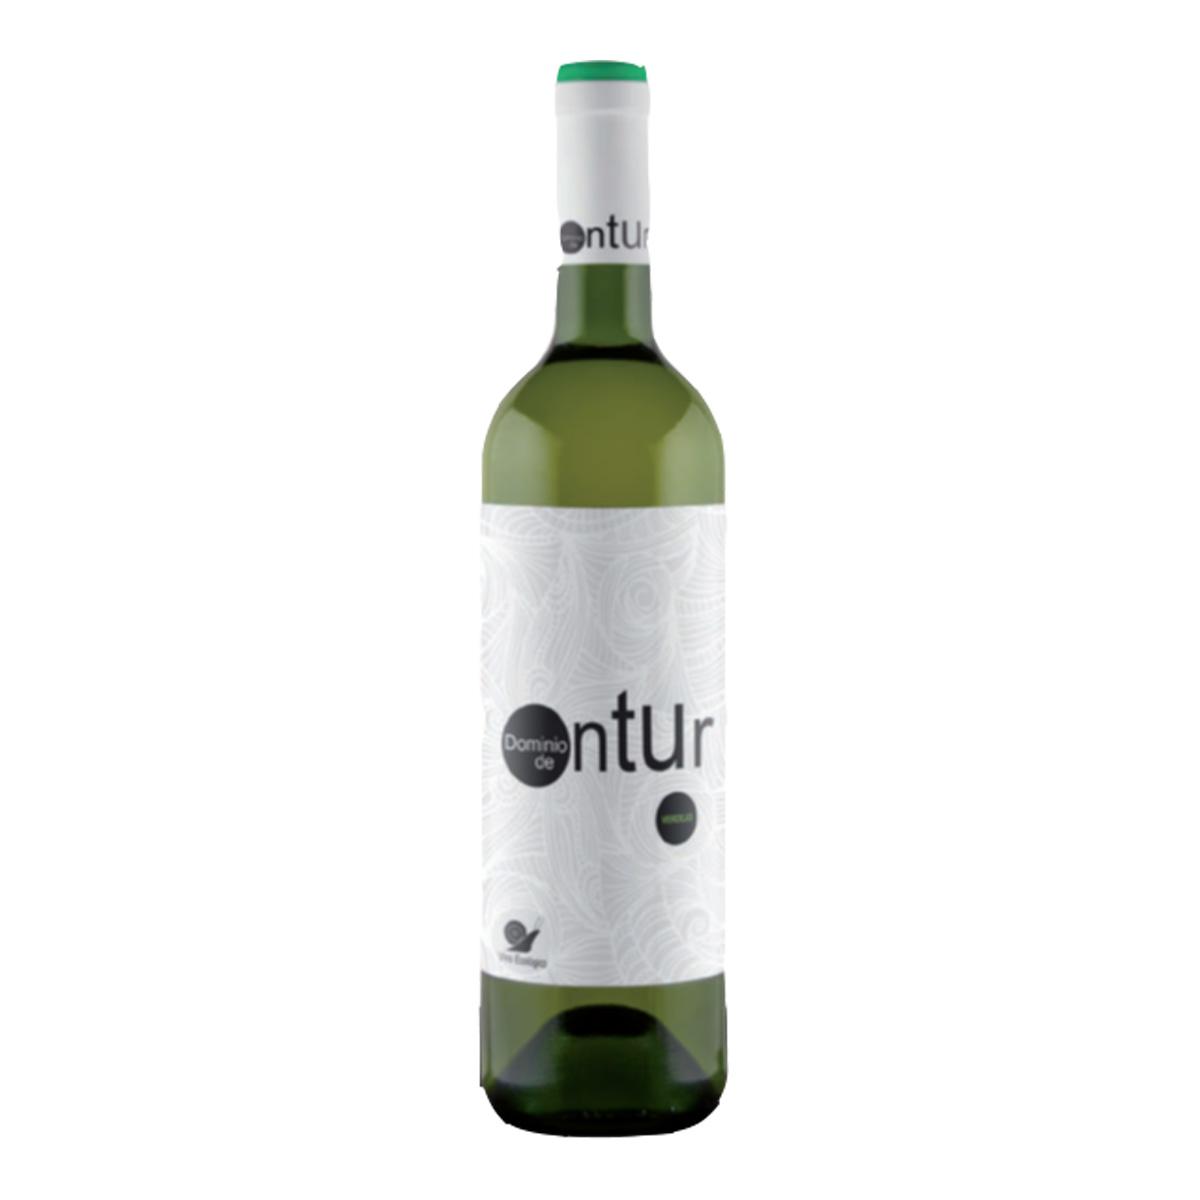 西班牙Dominio de Ontur Verdejo 有机干白葡萄酒